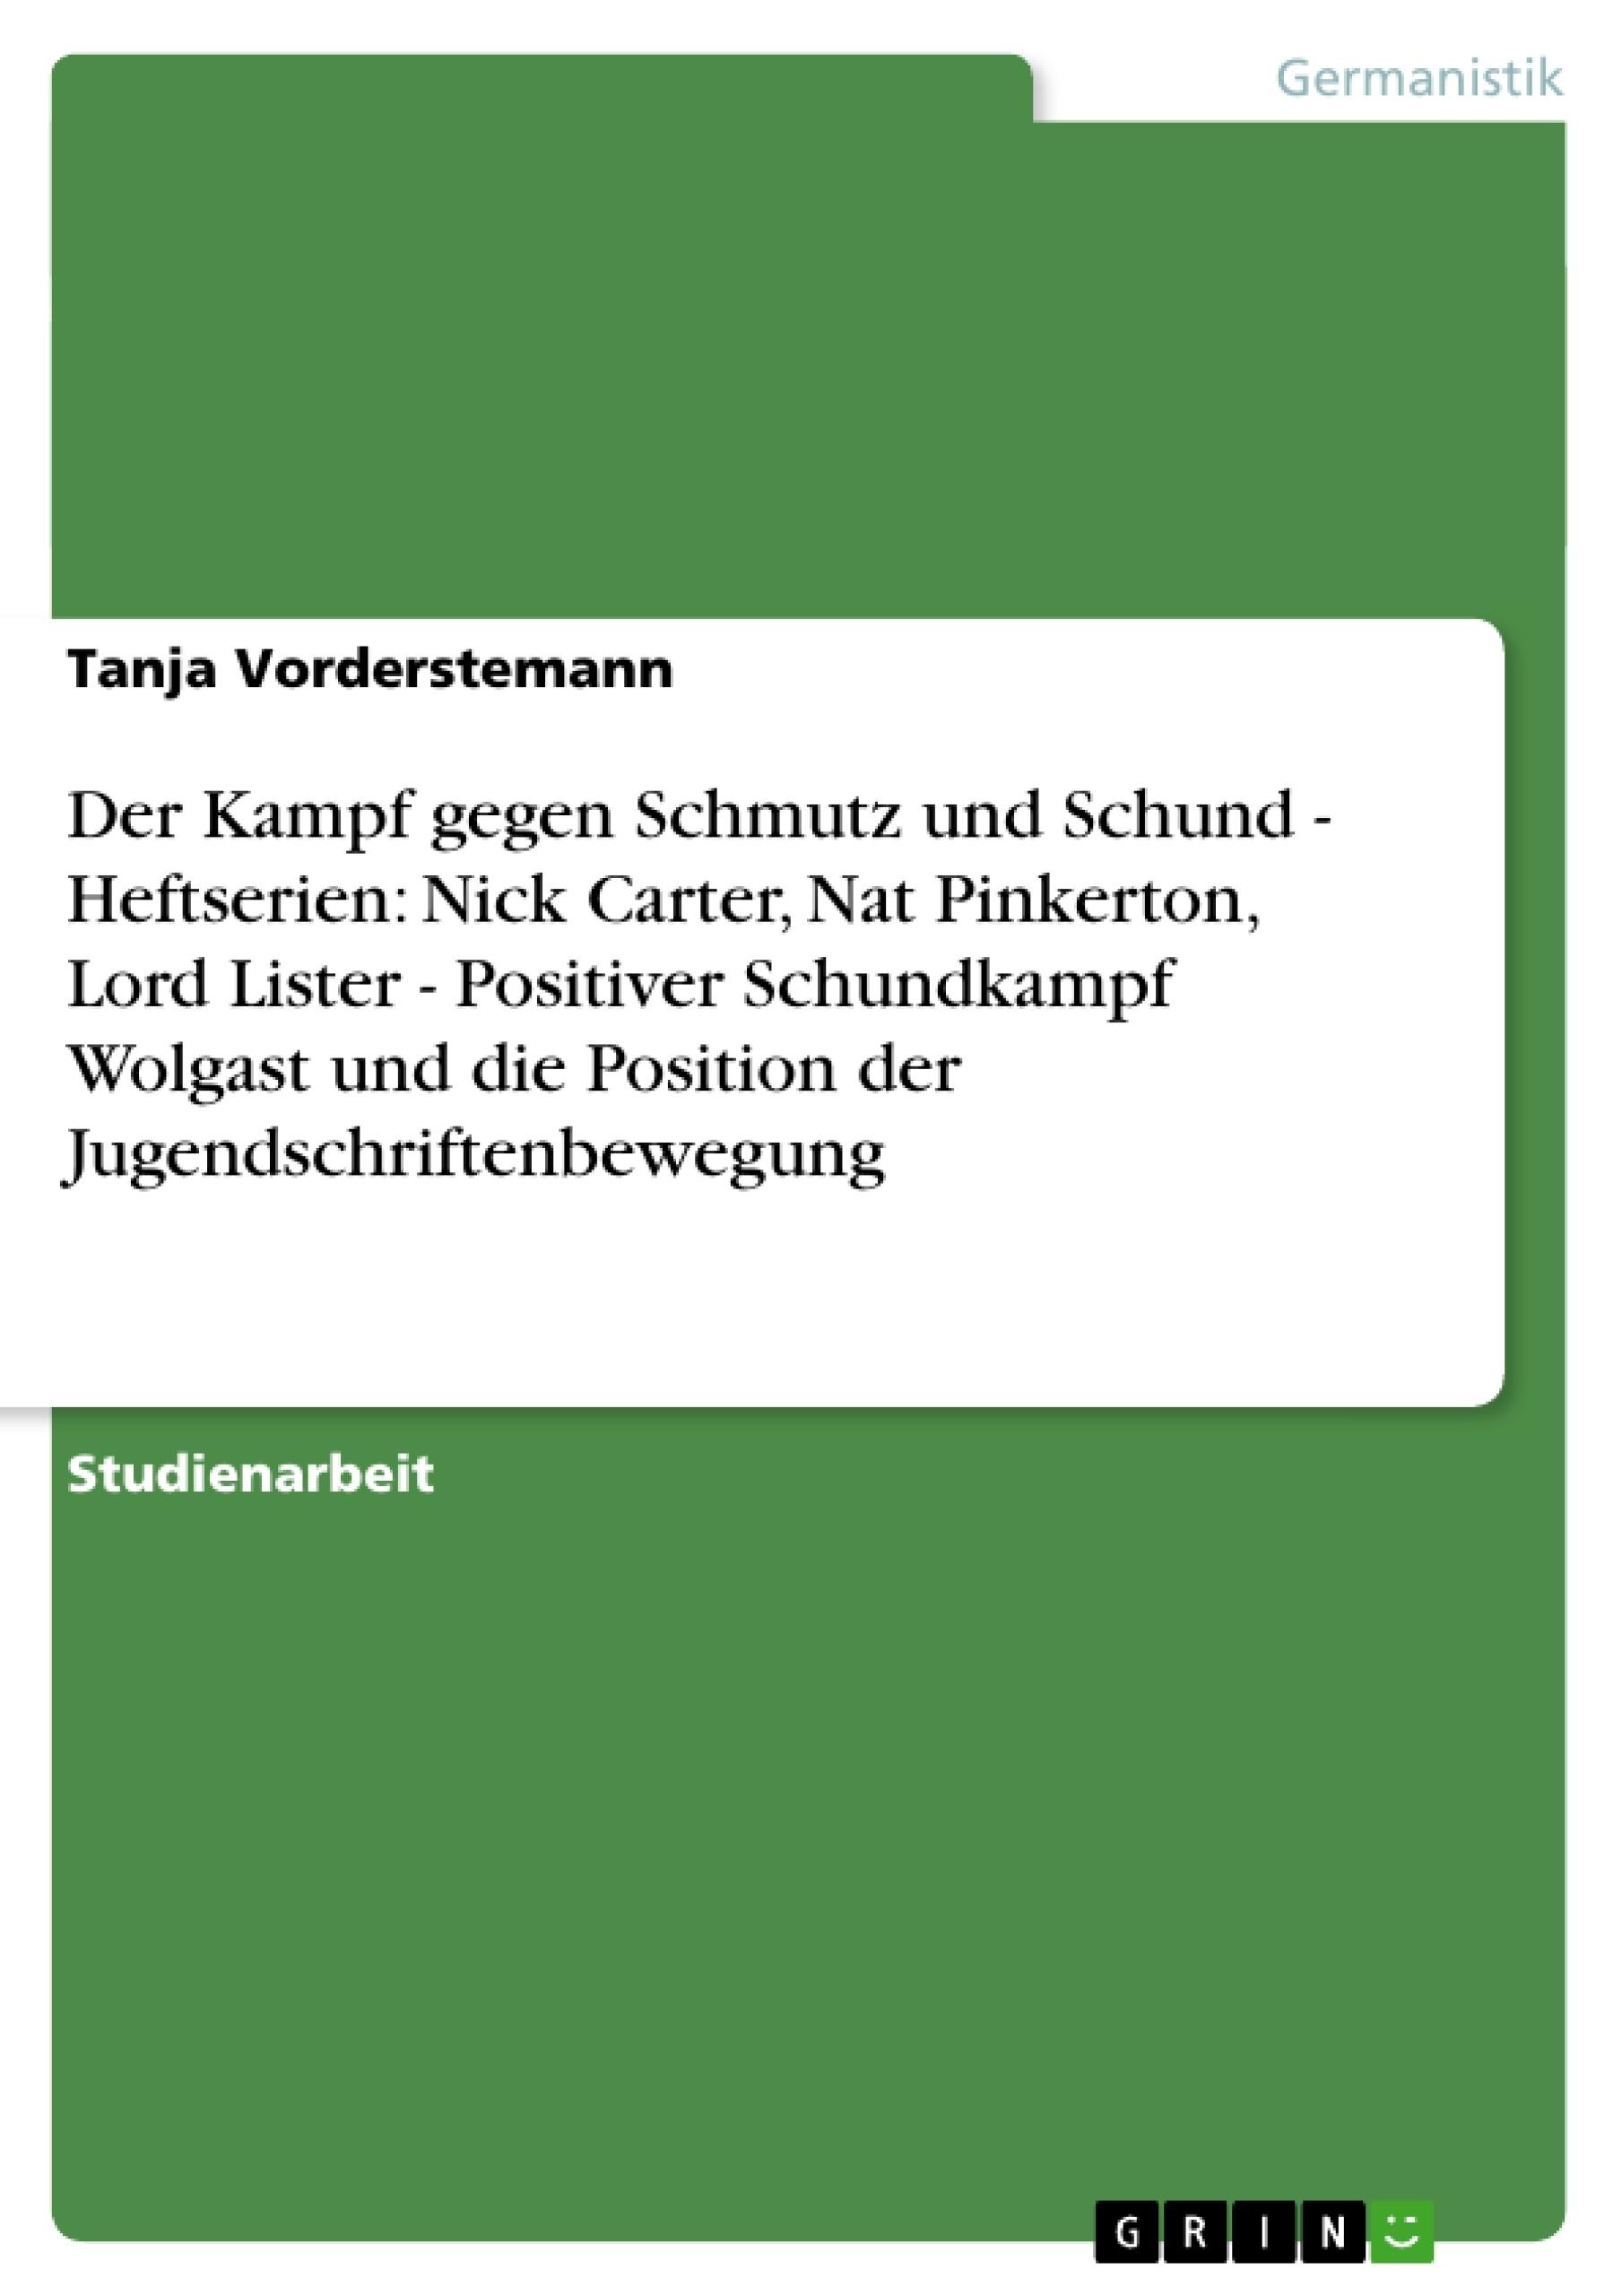 Titel: Der Kampf gegen Schmutz und Schund - Heftserien: Nick Carter, Nat Pinkerton, Lord Lister - Positiver Schundkampf Wolgast und die Position der Jugendschriftenbewegung